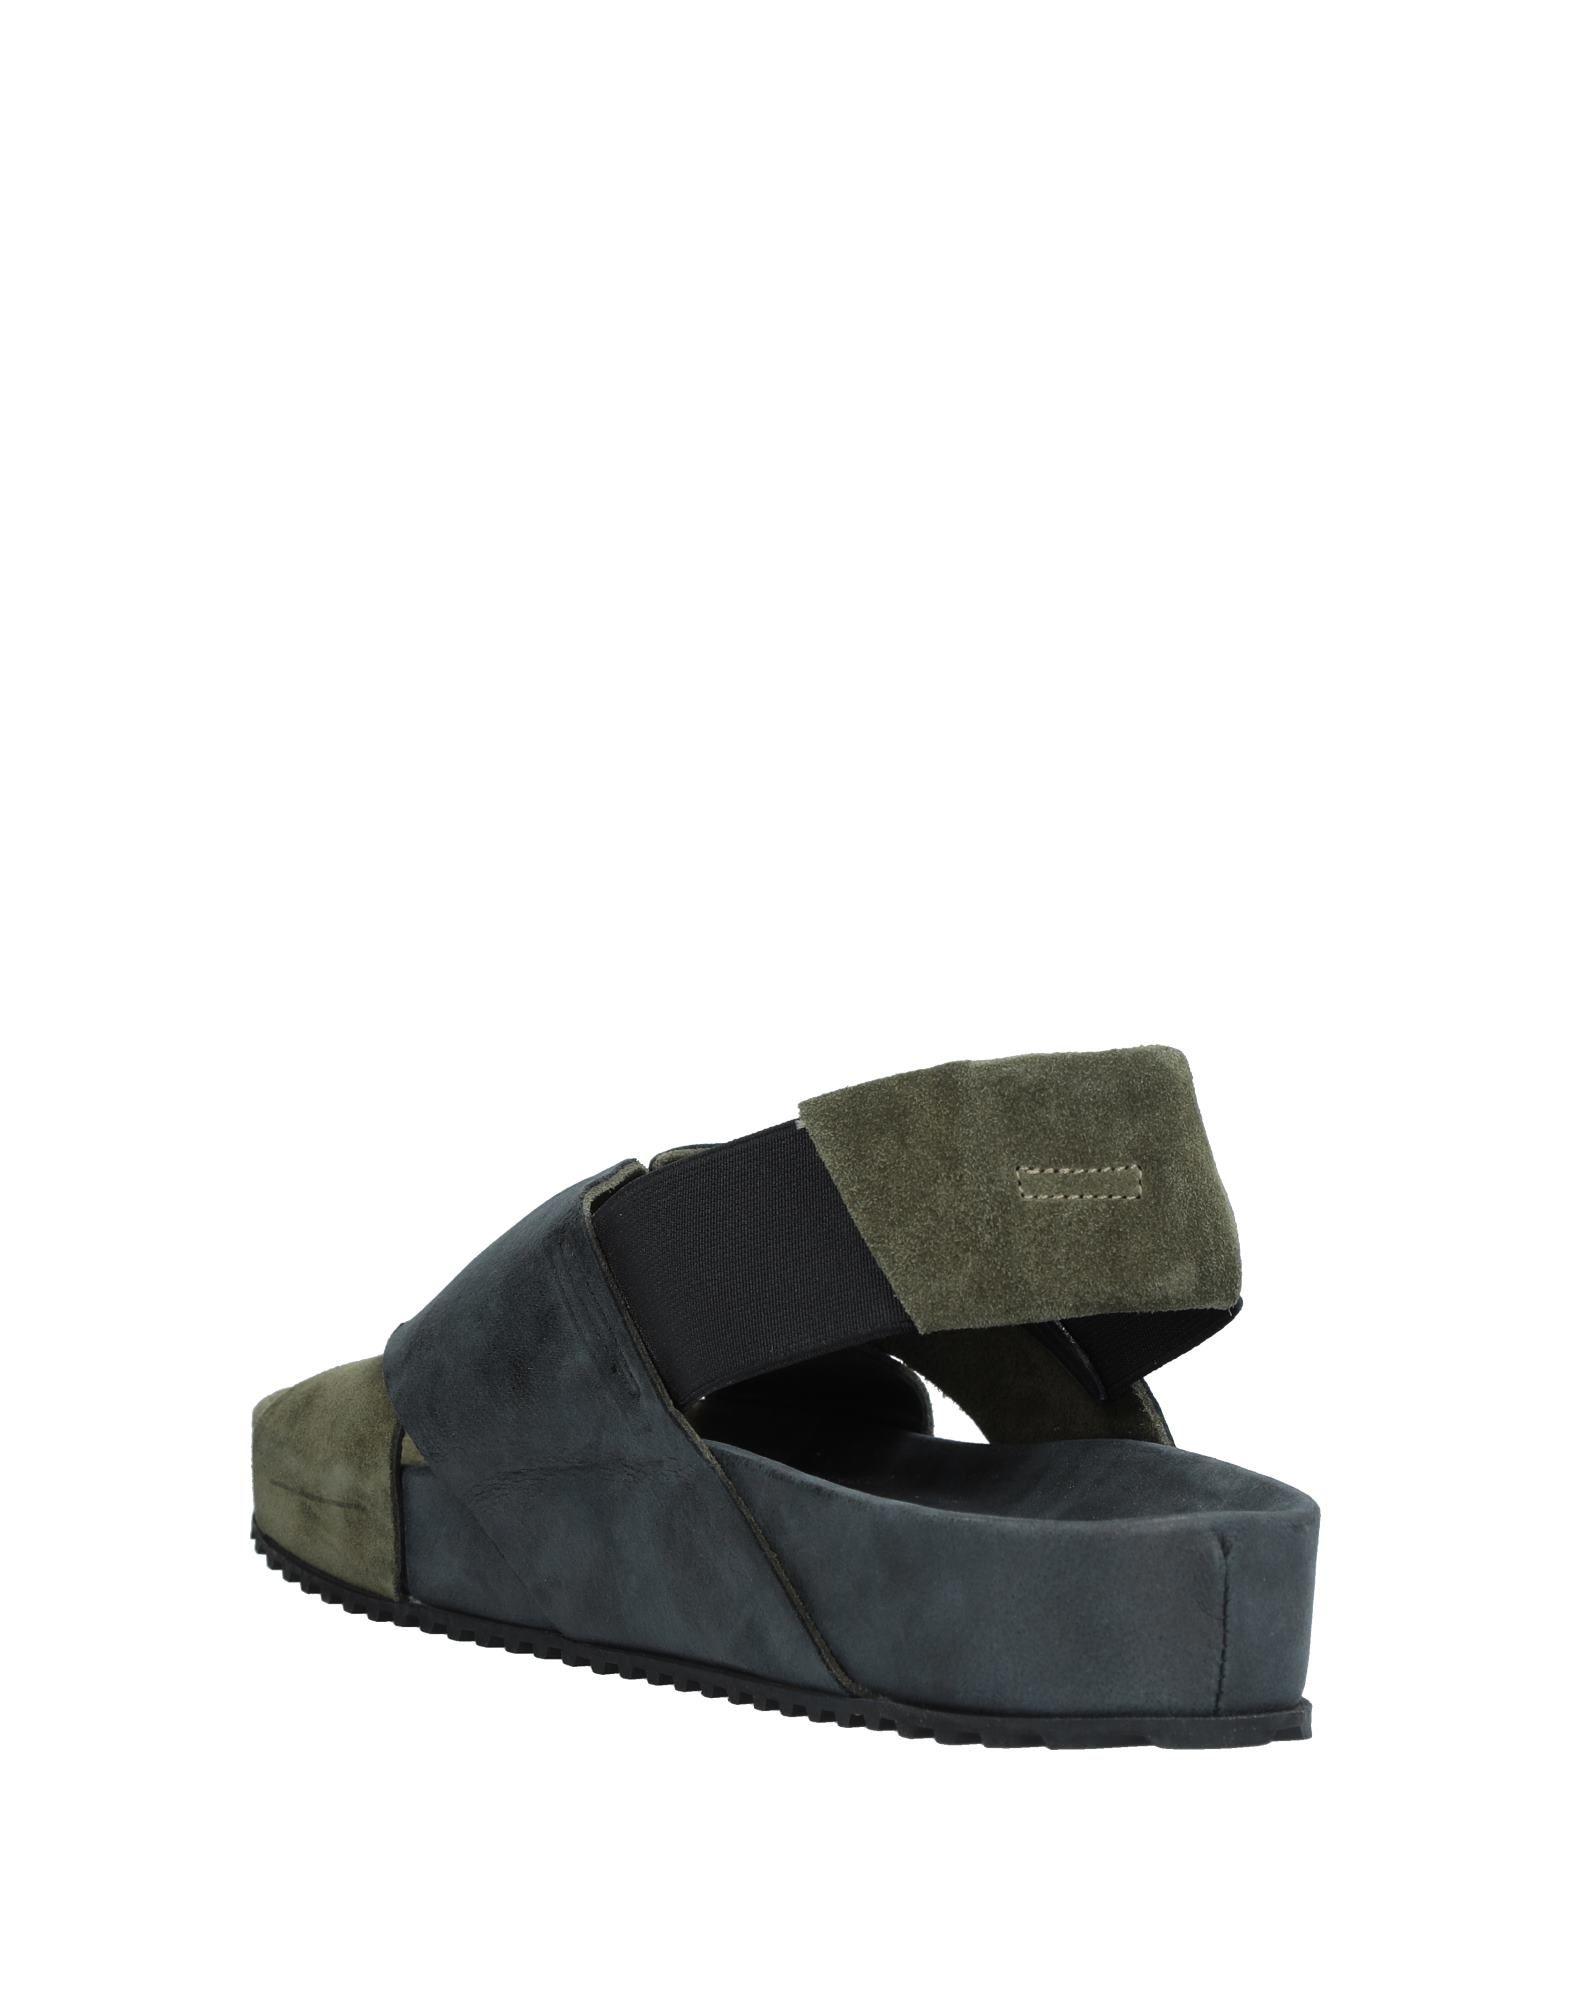 Leather Crown Sandalen Herren Gutes sich,Billig-4454 Preis-Leistungs-Verhältnis, es lohnt sich,Billig-4454 Gutes 64d30b